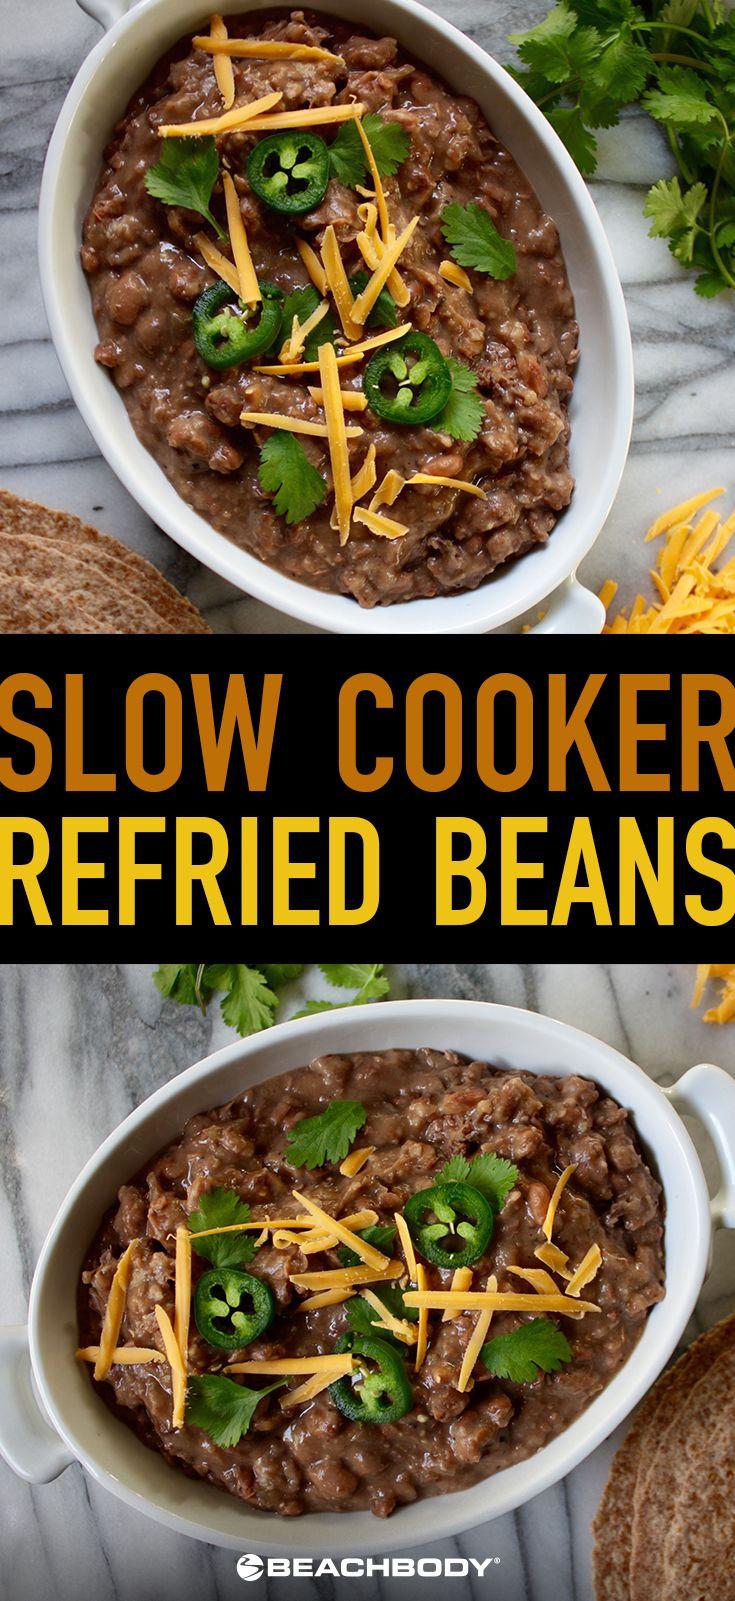 Vegetarian Crock Pot Recipes Healthy  48 best images about Healthy CROCKPOT Recipes on Pinterest